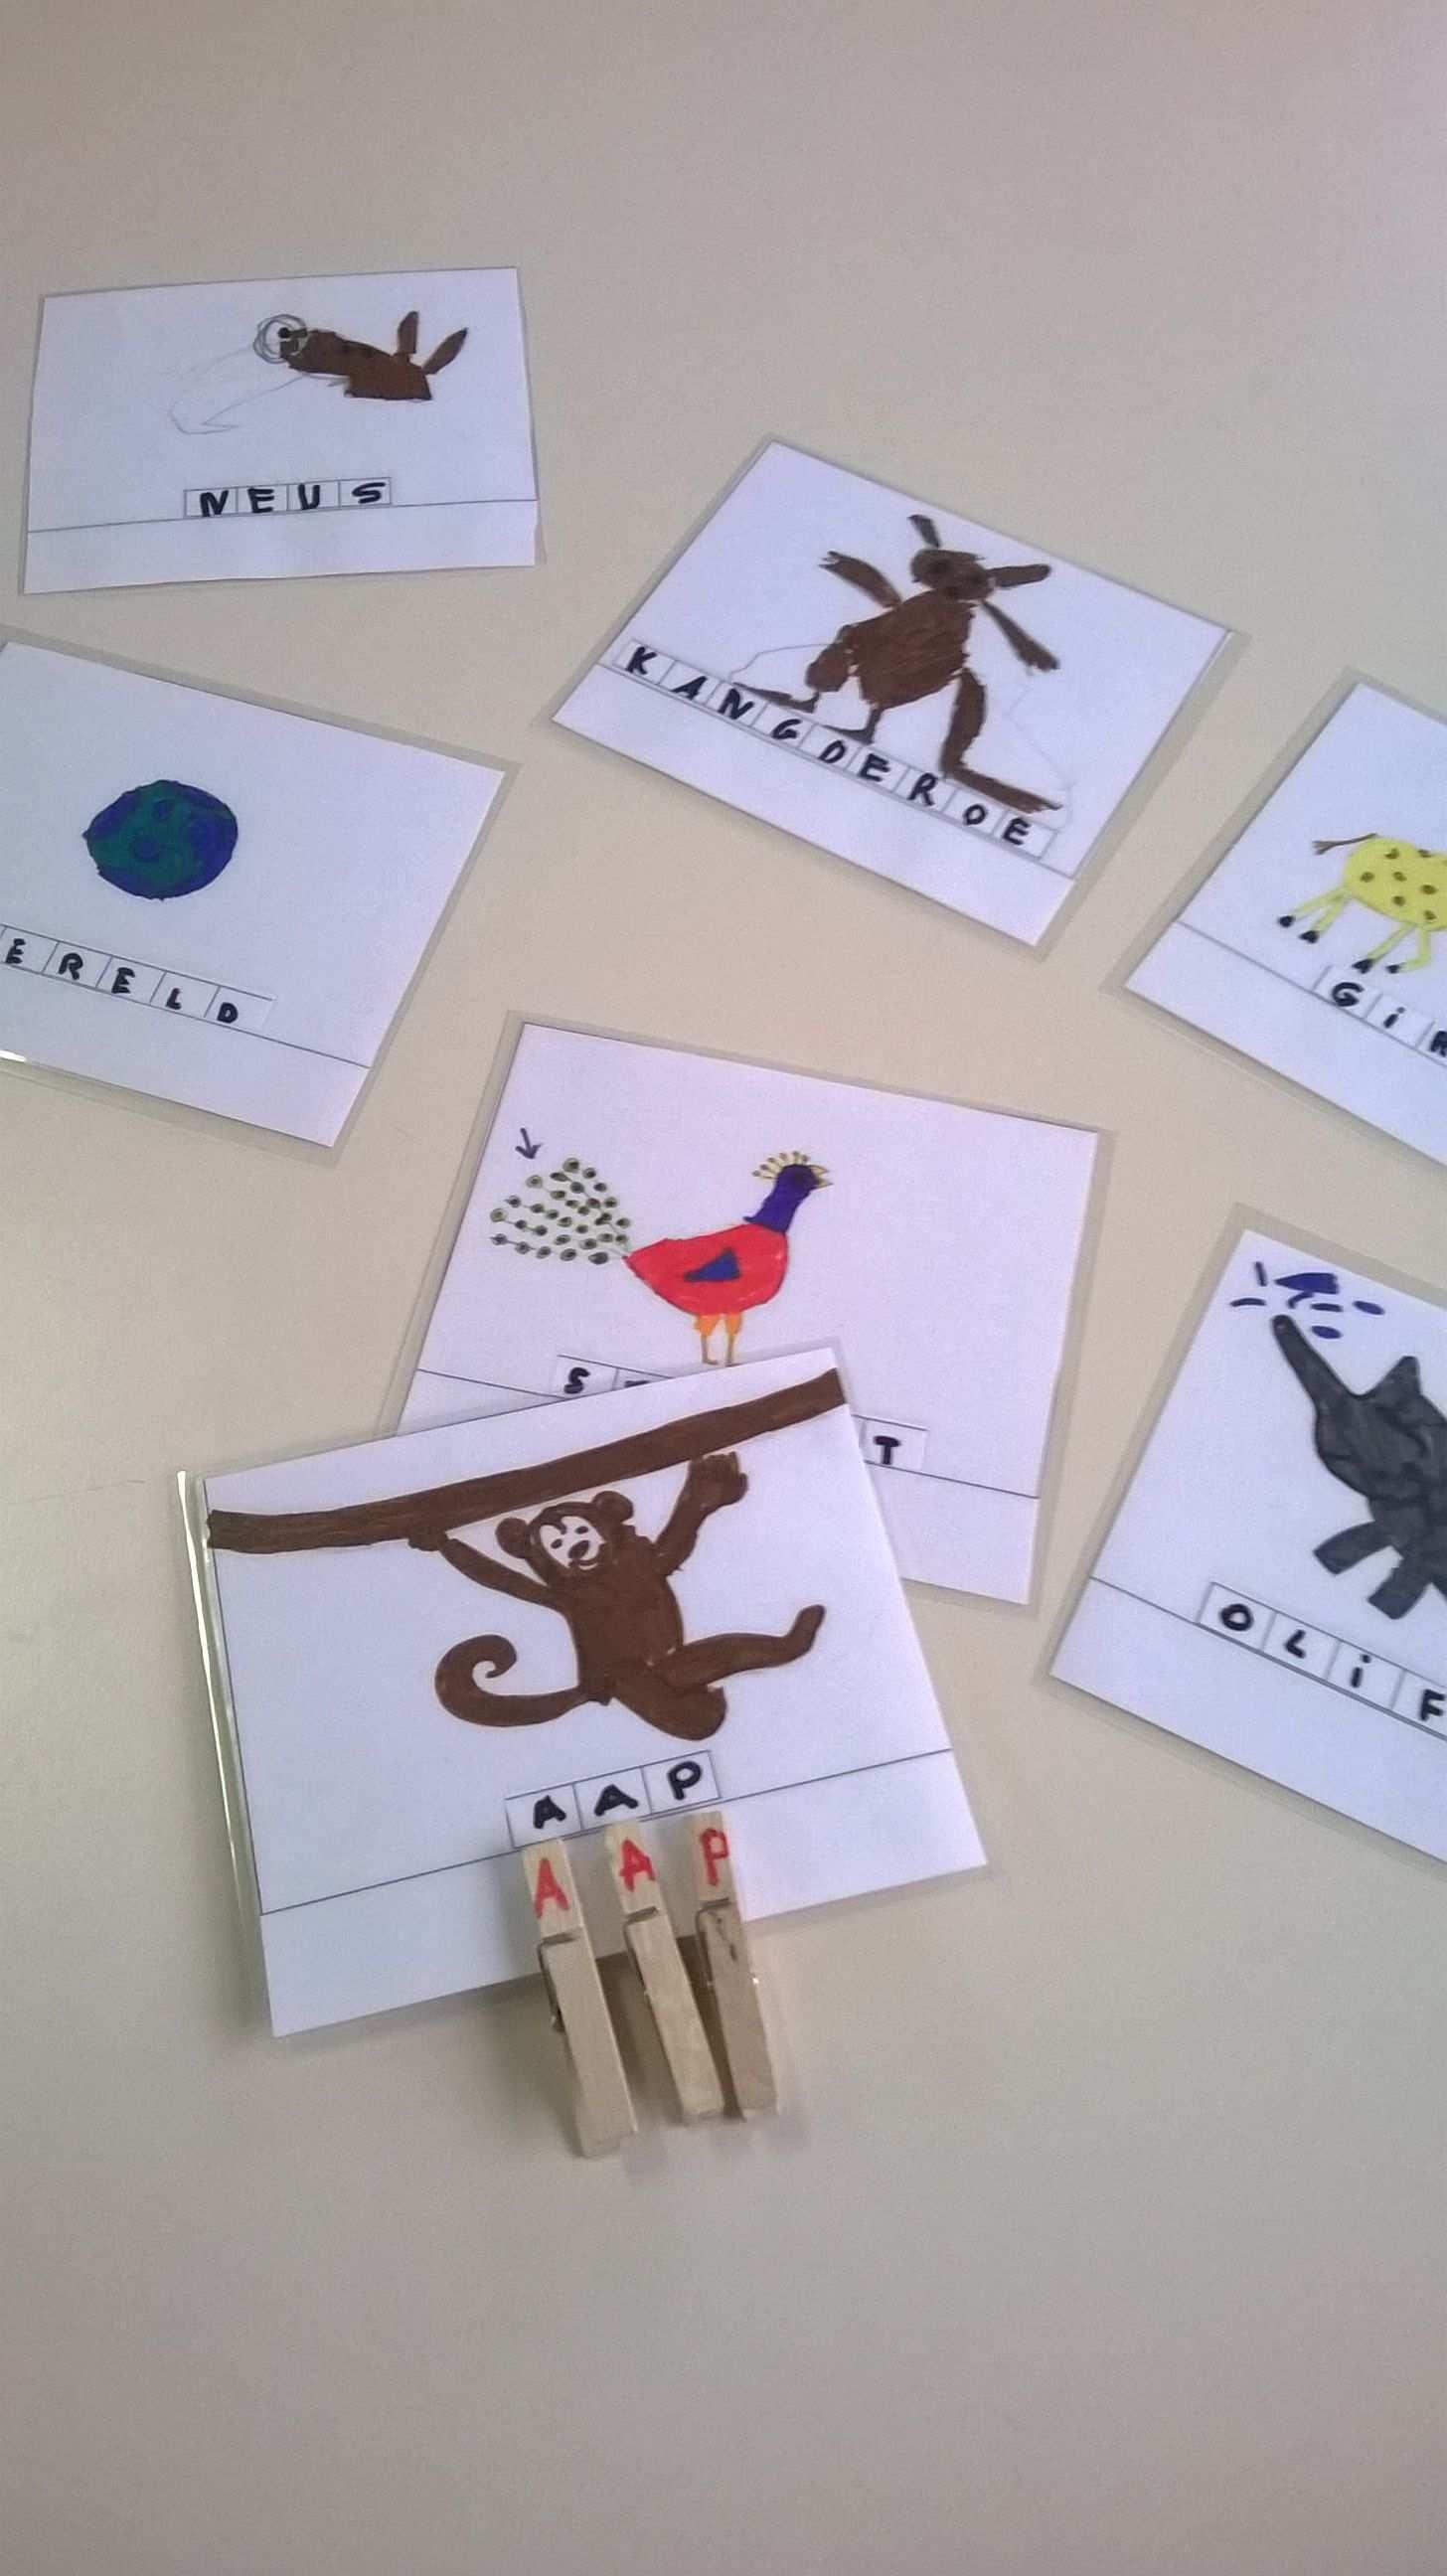 Woordkaarten En Letterspelden 7 Sprong Kemzeke L4 Voor K3 Spel